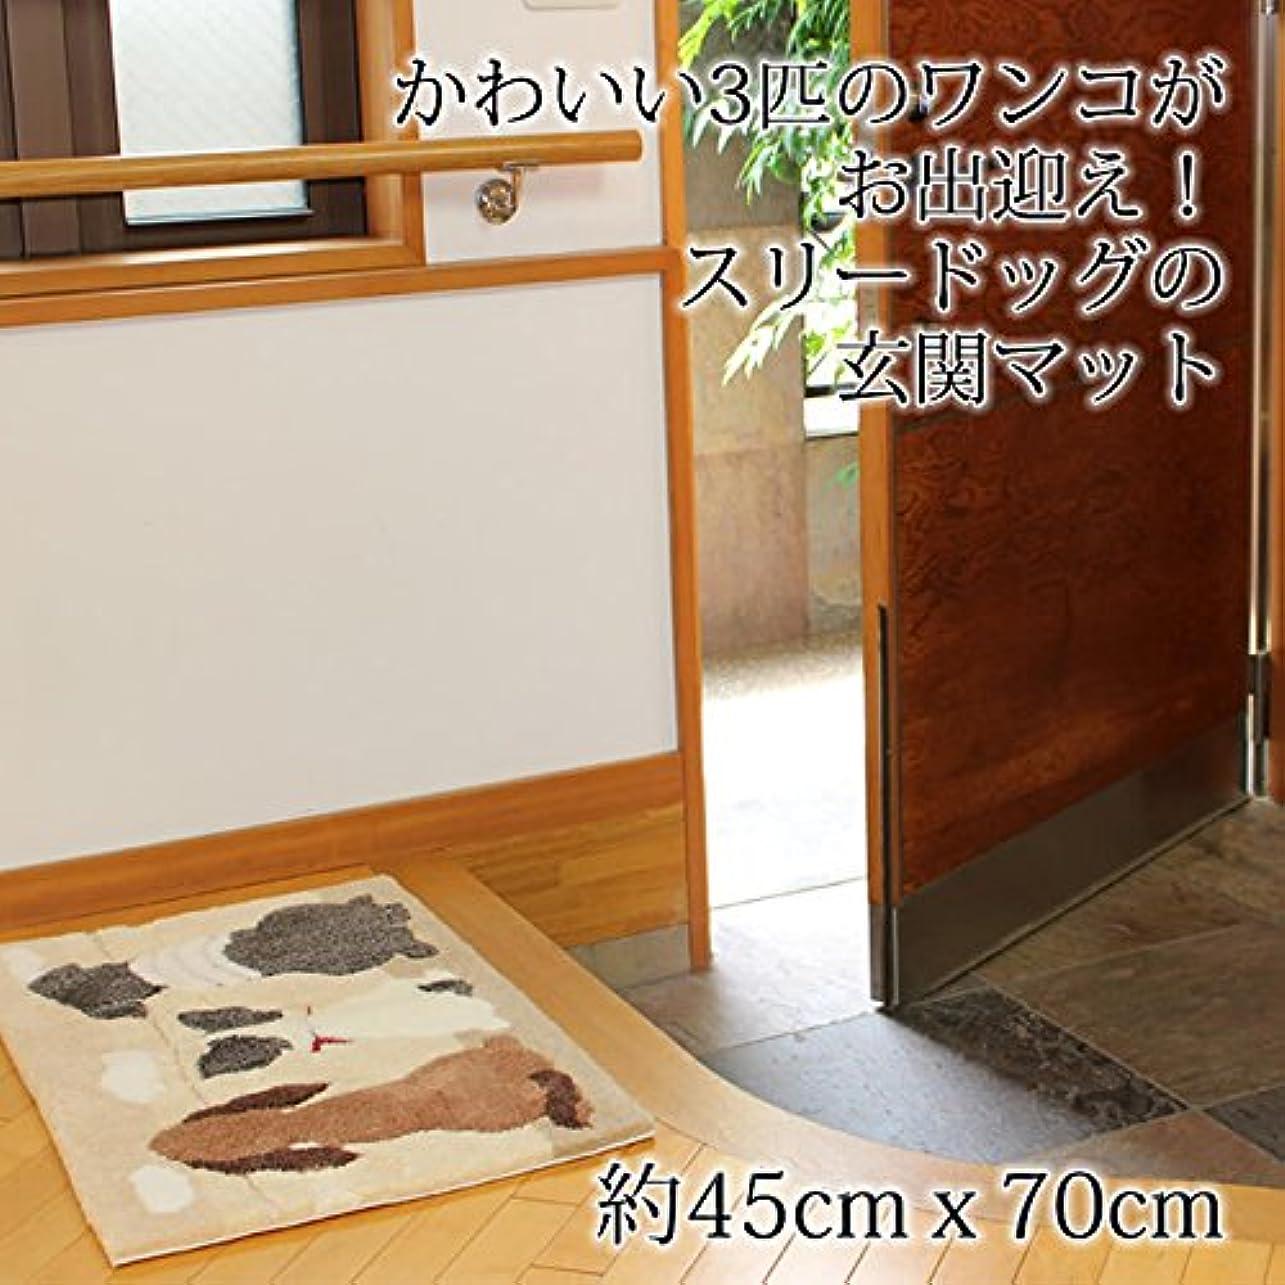 プロフィール知覚するペインギリックスリードッグ 室内玄関マット 約45cmx70cm アクリル100% 手洗い可 滑りにくい加工 ベージュ